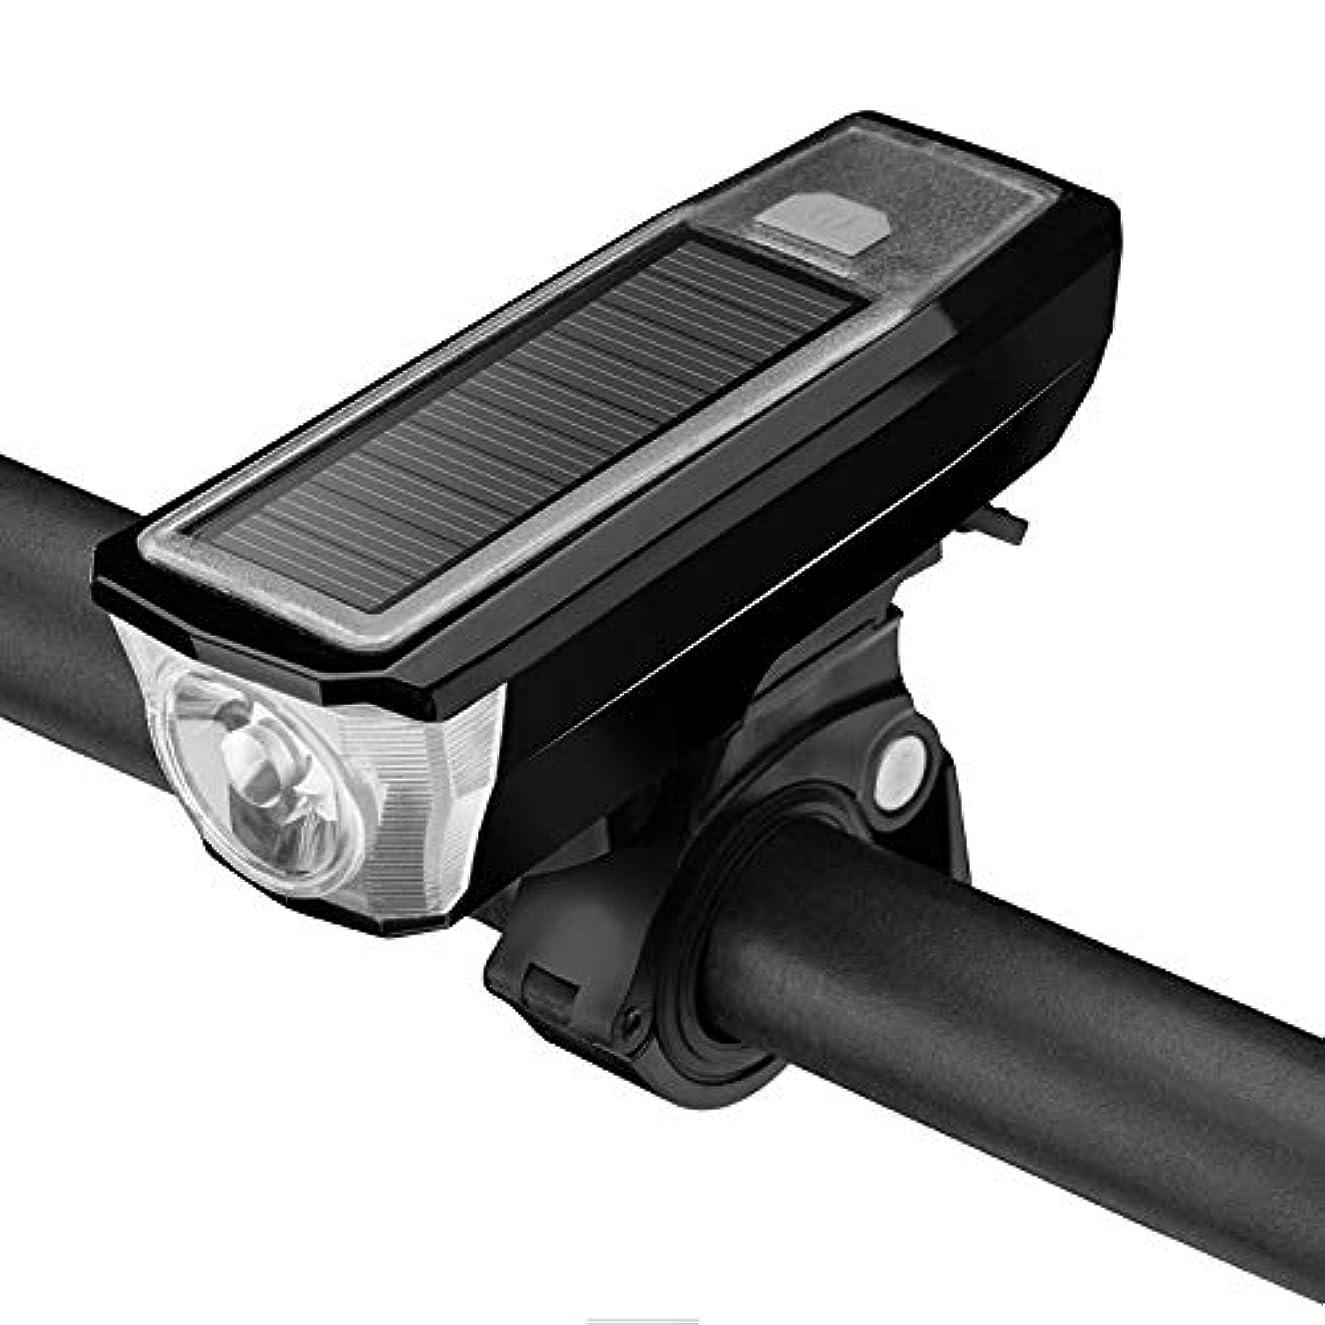 参照データセクタHS-01 自転車ライト、ヘッドライト、グレア懐中電灯、ソーラー充電ホーン、ナイトライディング、マウンテンバイク用アクセサリー、装備品ライト(ブラック、レッド)